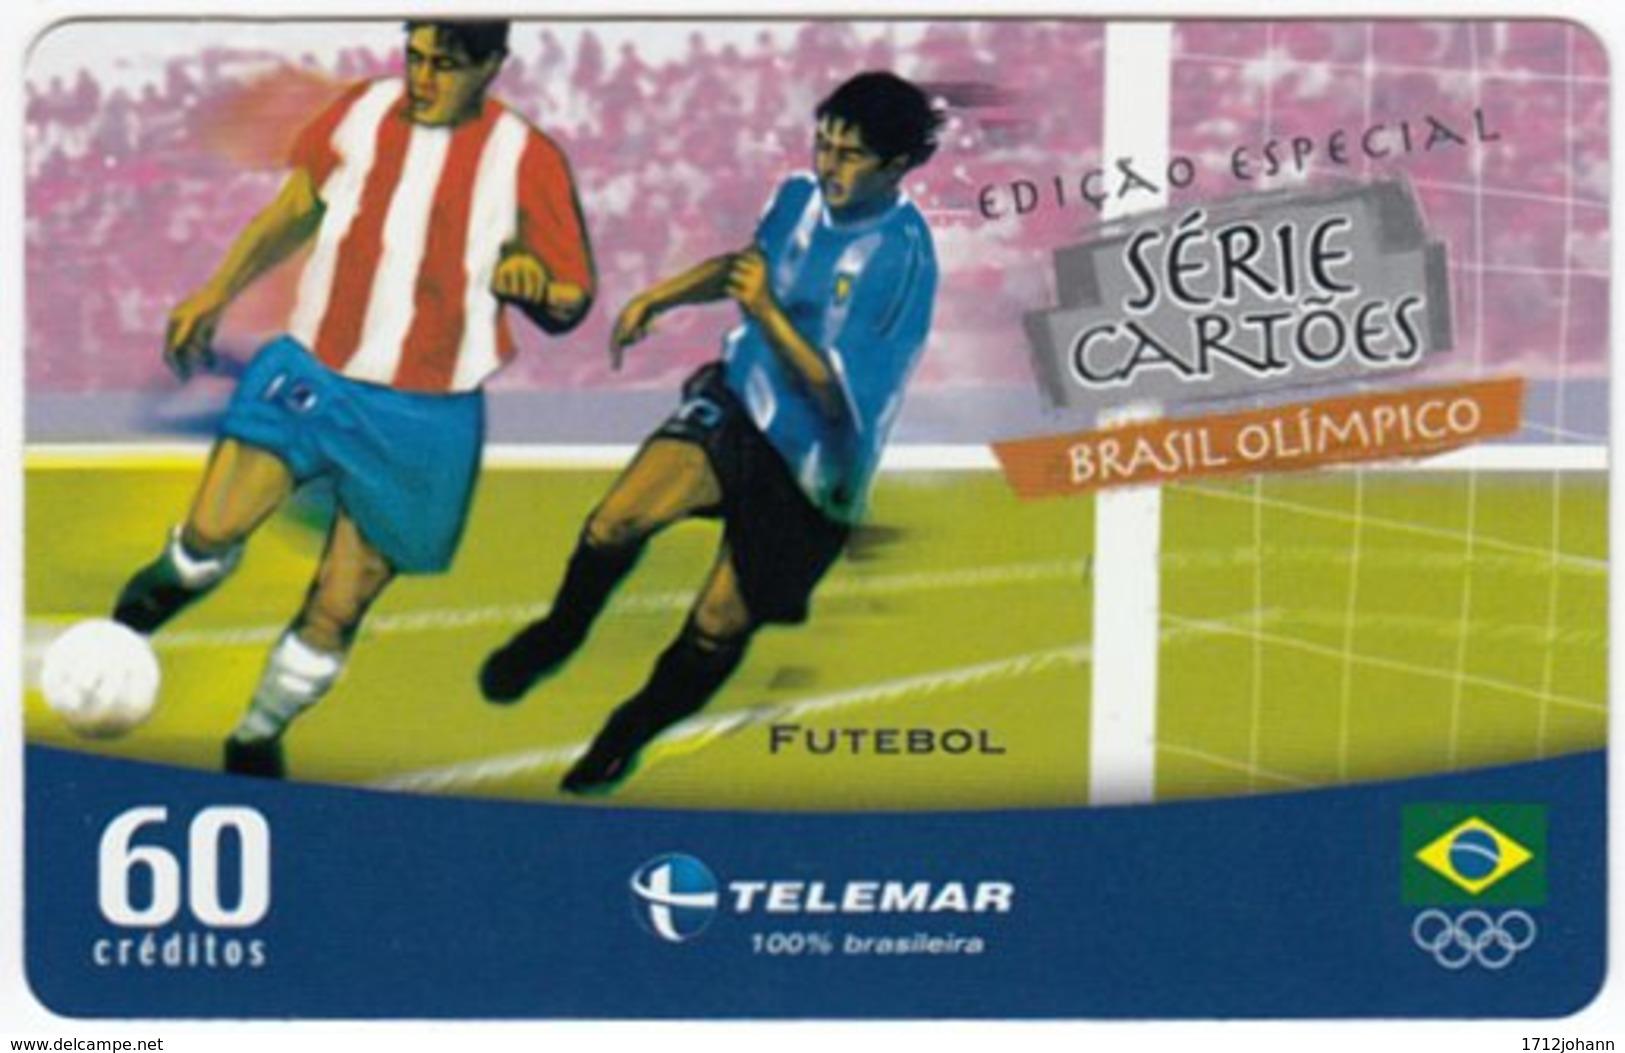 BRASIL G-478 Magnetic Telemar - Event, Olympic Games, Soccer - Used - Brasilien